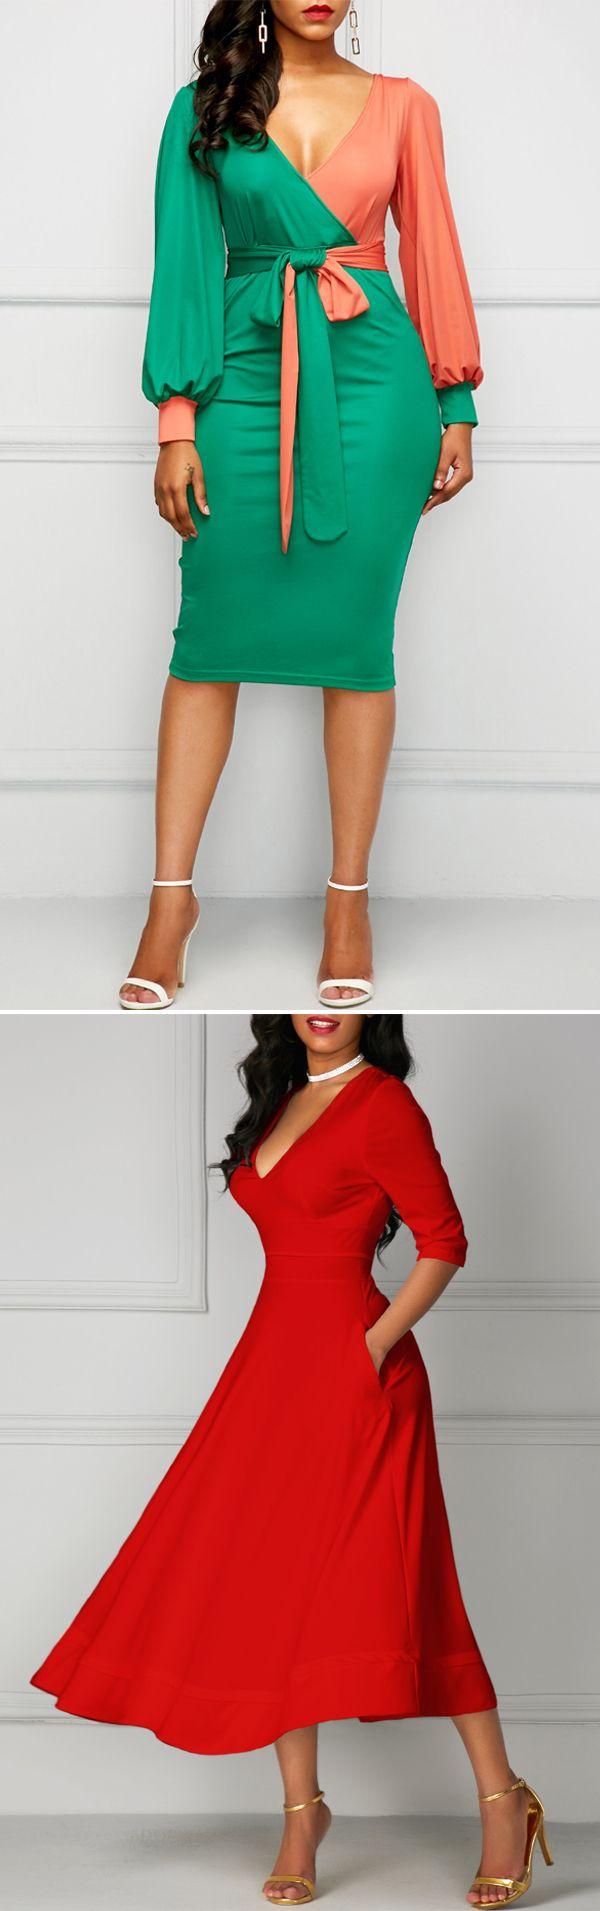 christmas dress, dresses for holiday, christmas outfit dresses #Christmas #Christmasgift #dresses #liligal